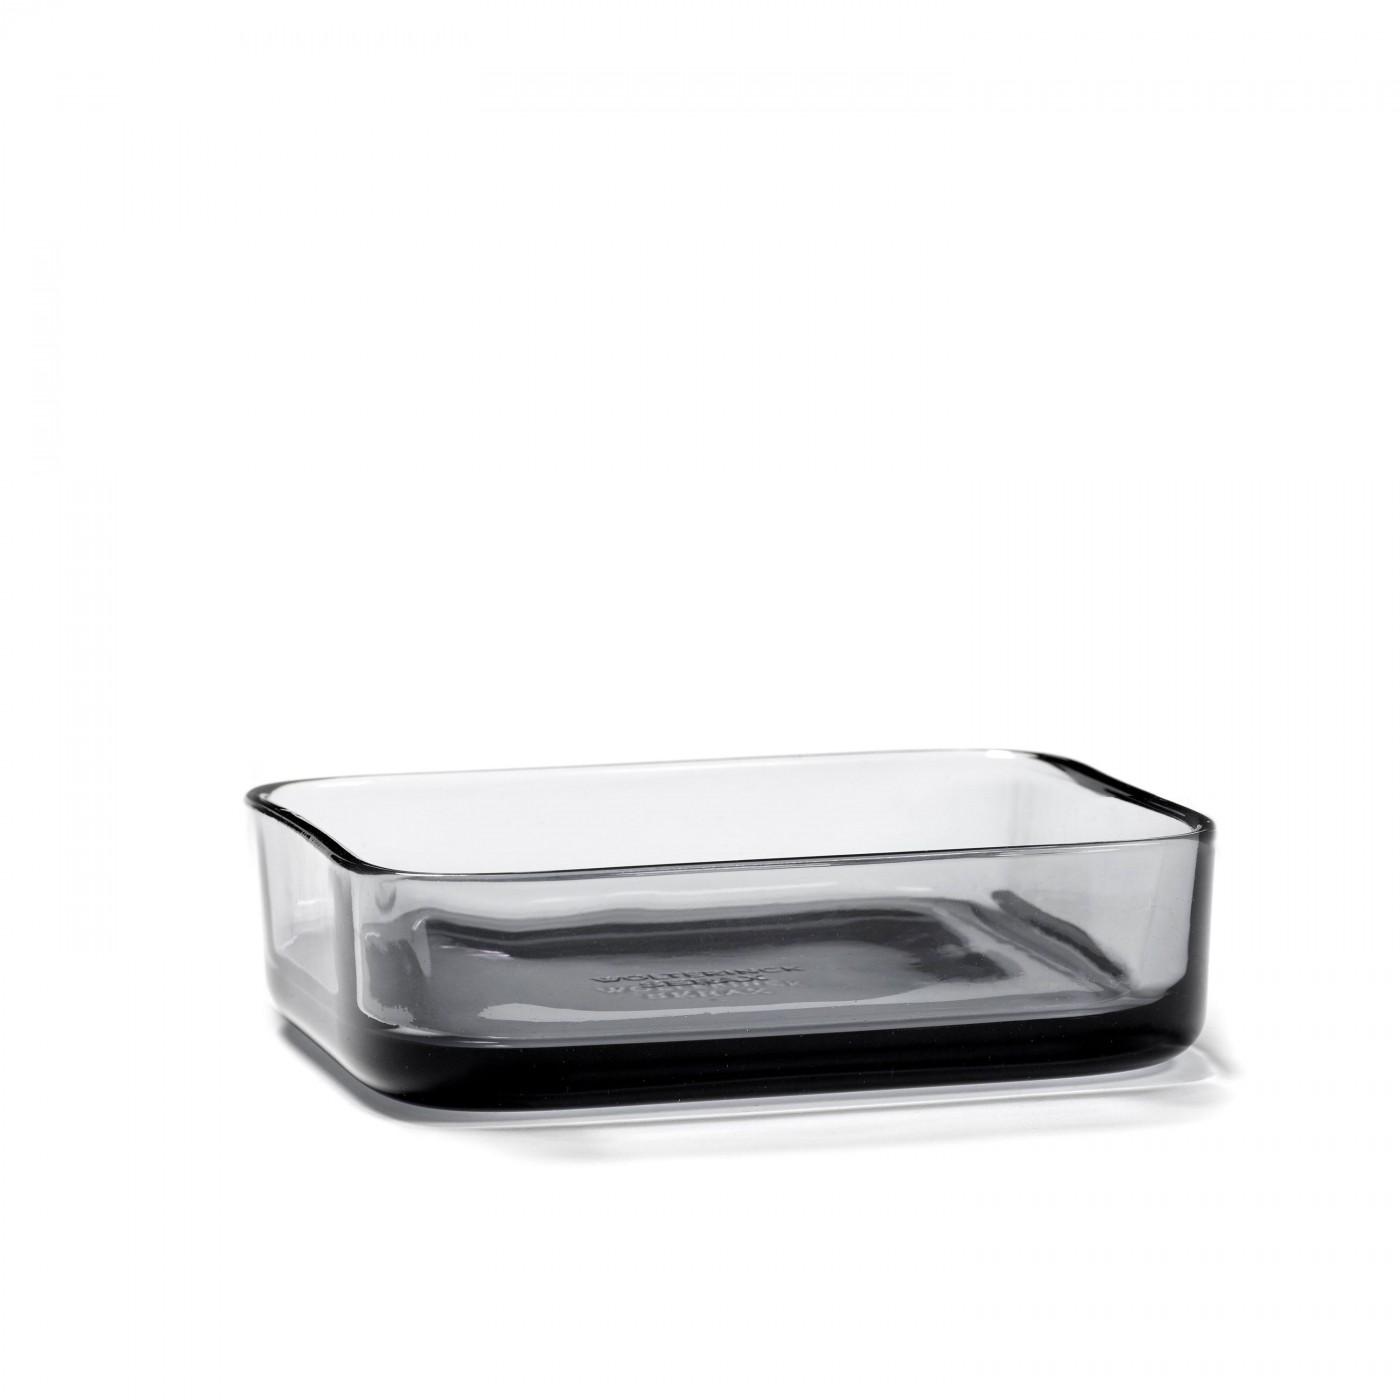 Bol rectangulaire en verre fumé gris 12x6cm